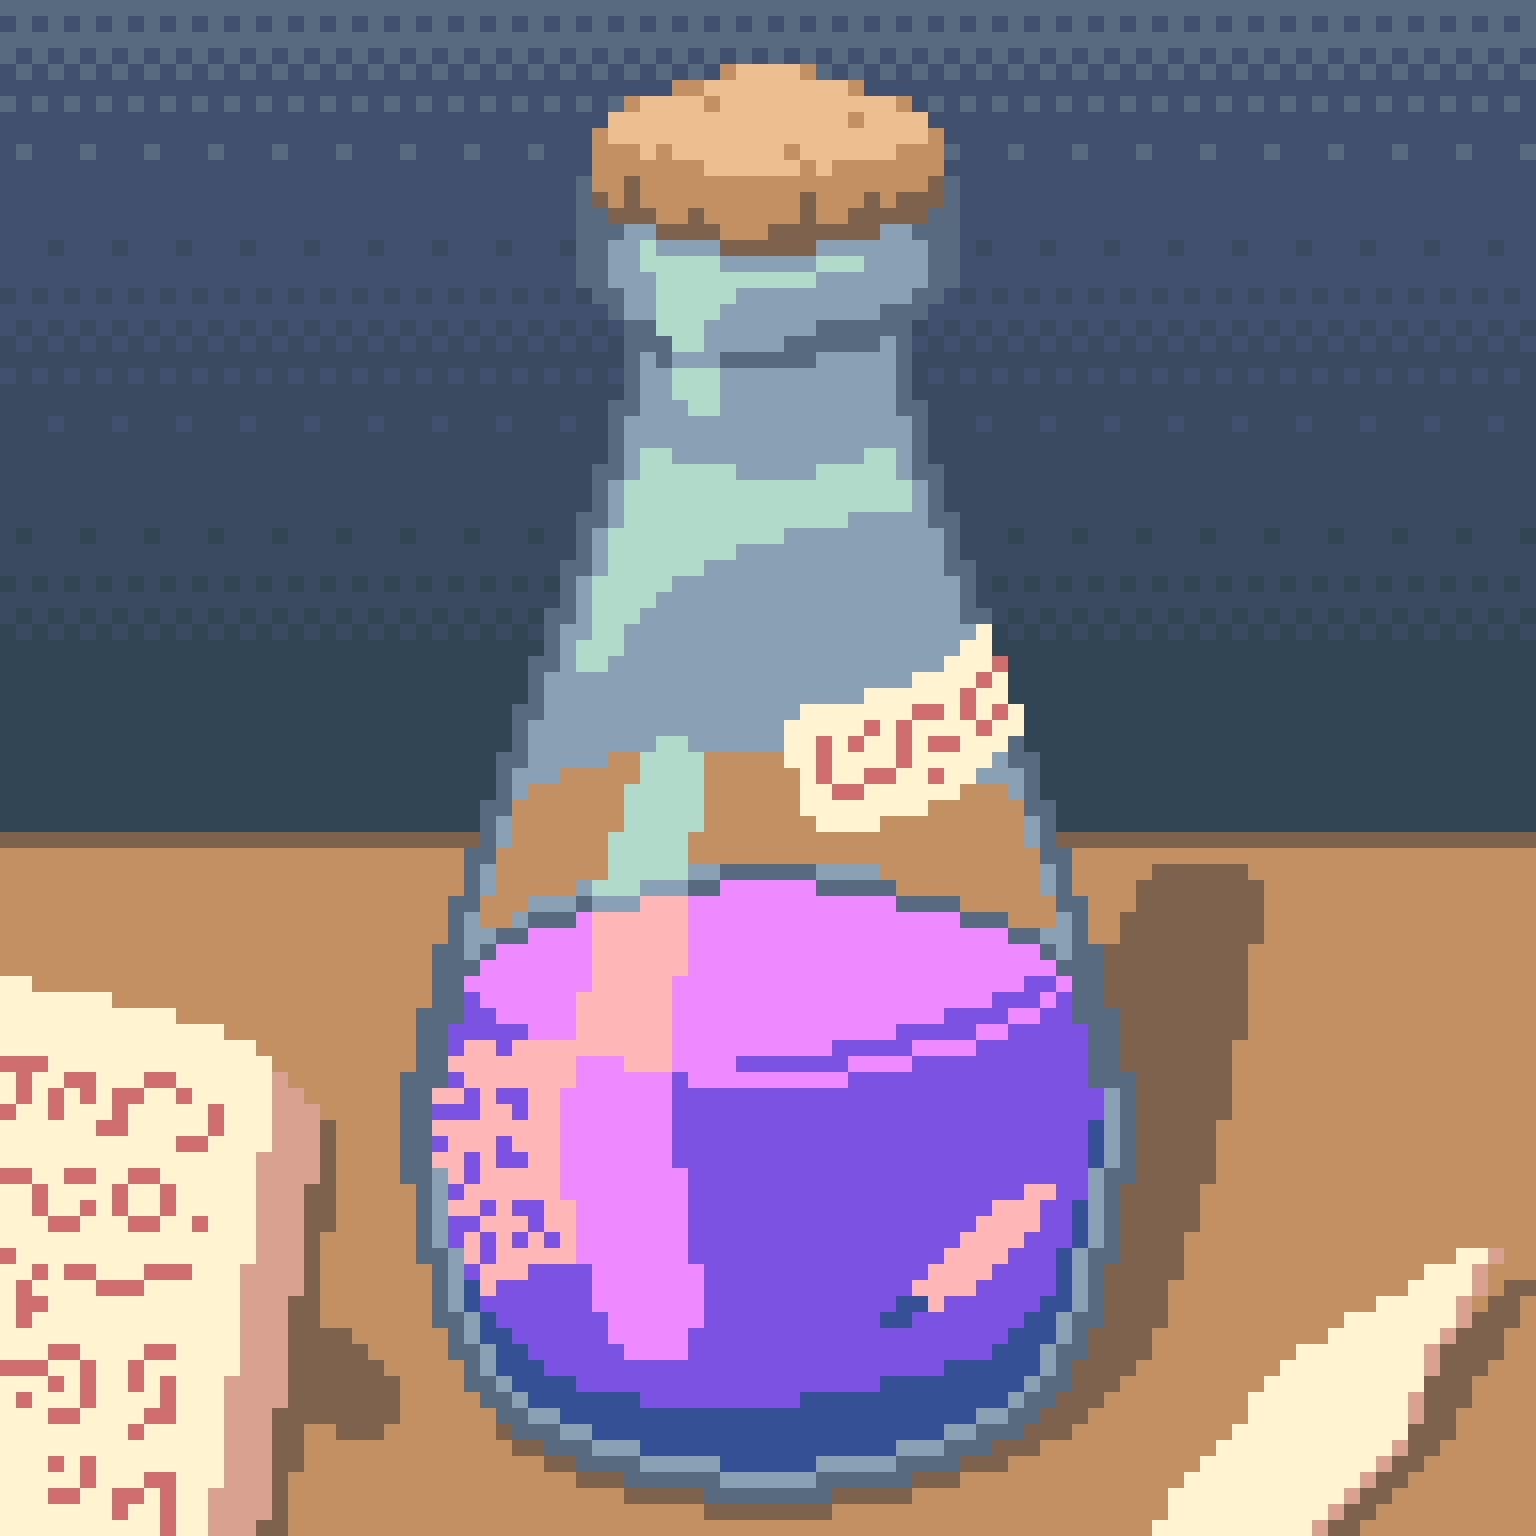 Potion Bottle (Dotpict, 16 colors)